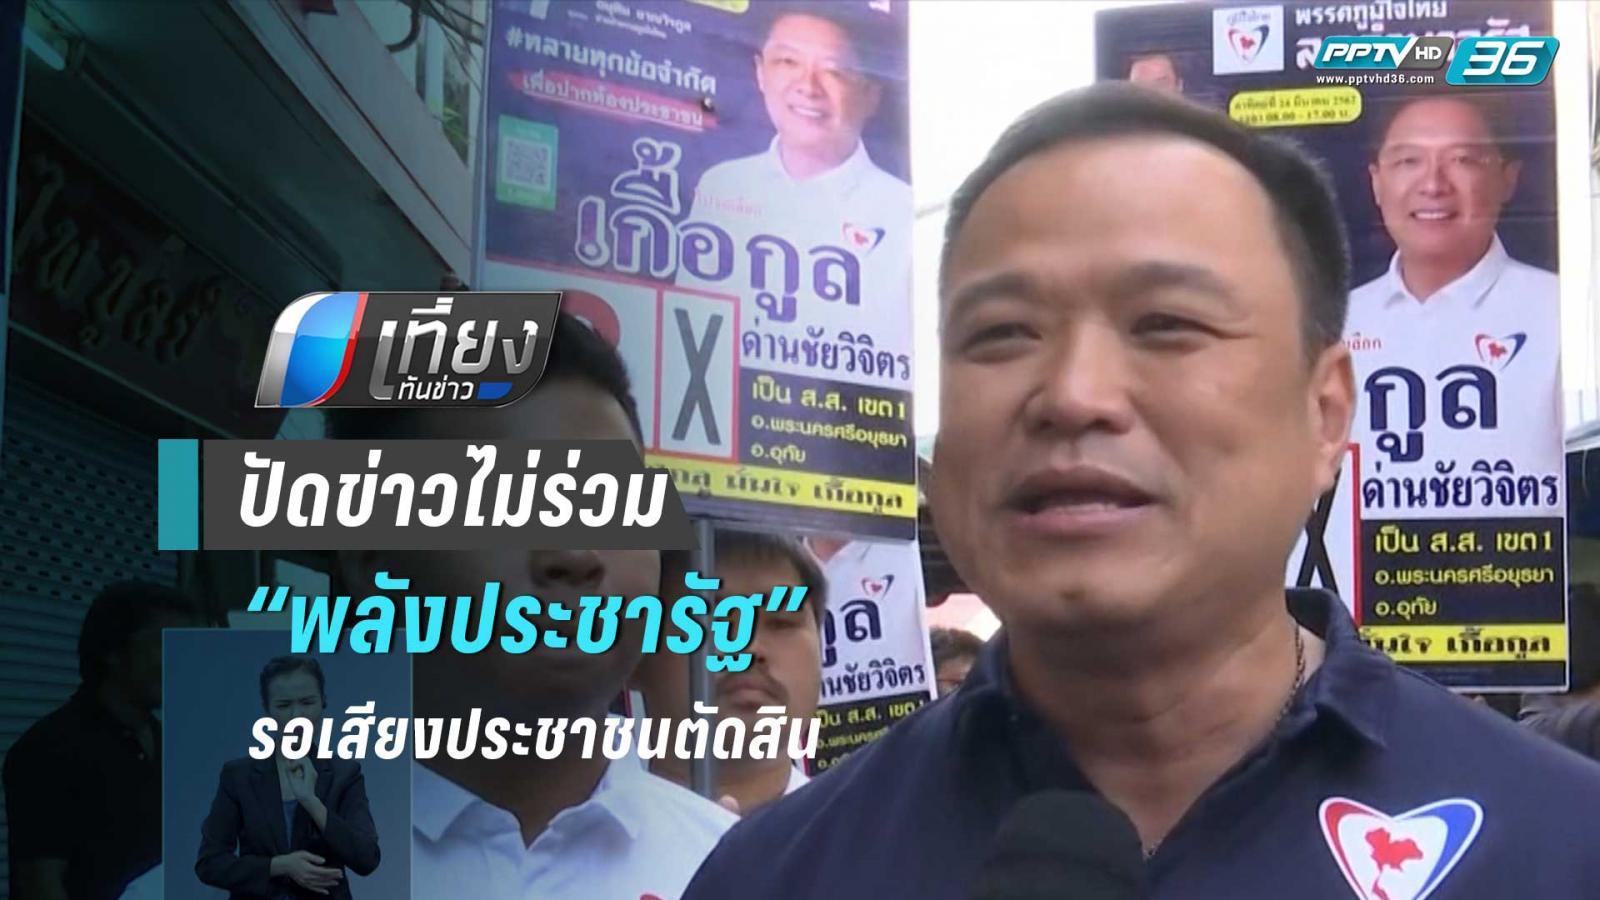 """""""ภูมิใจไทย"""" ปัดข่าวไม่ร่วมงาน """"พลังประชารัฐ"""" อ้างรอเสียงประชาชน"""